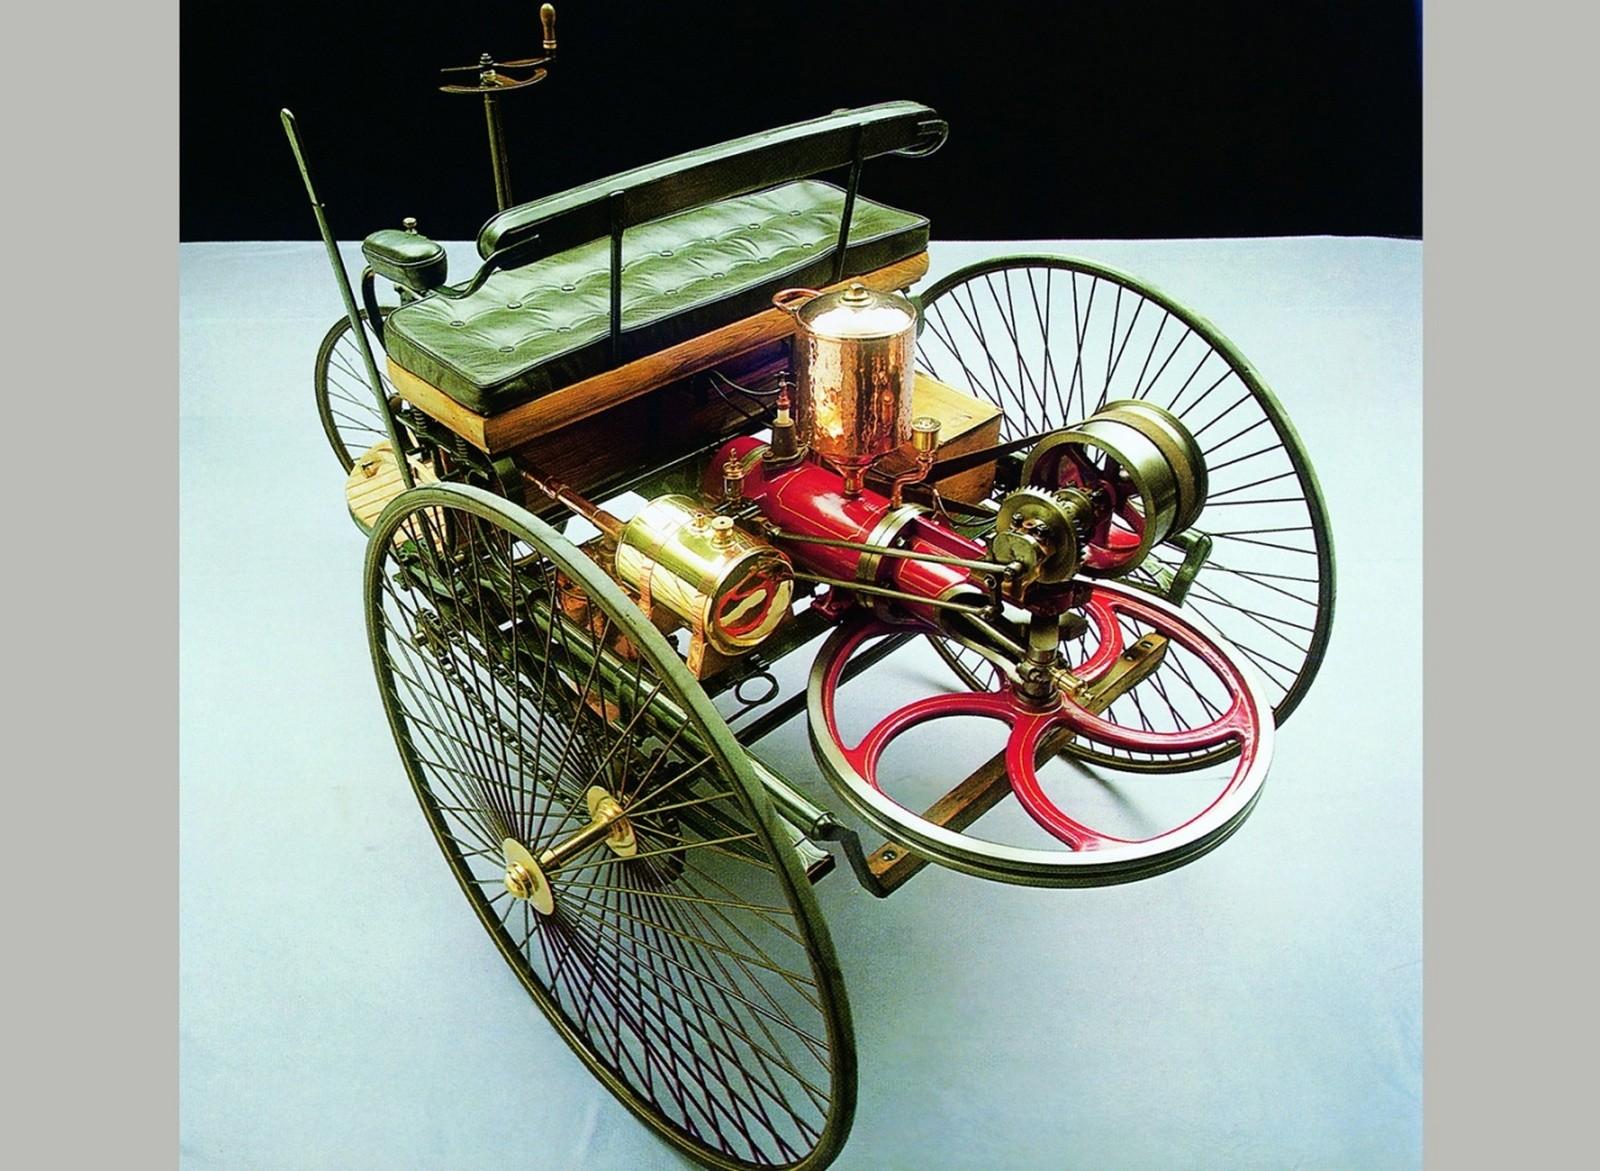 Первый в мире трехколесный самоходный экипаж Карла Бенца. 1885 год